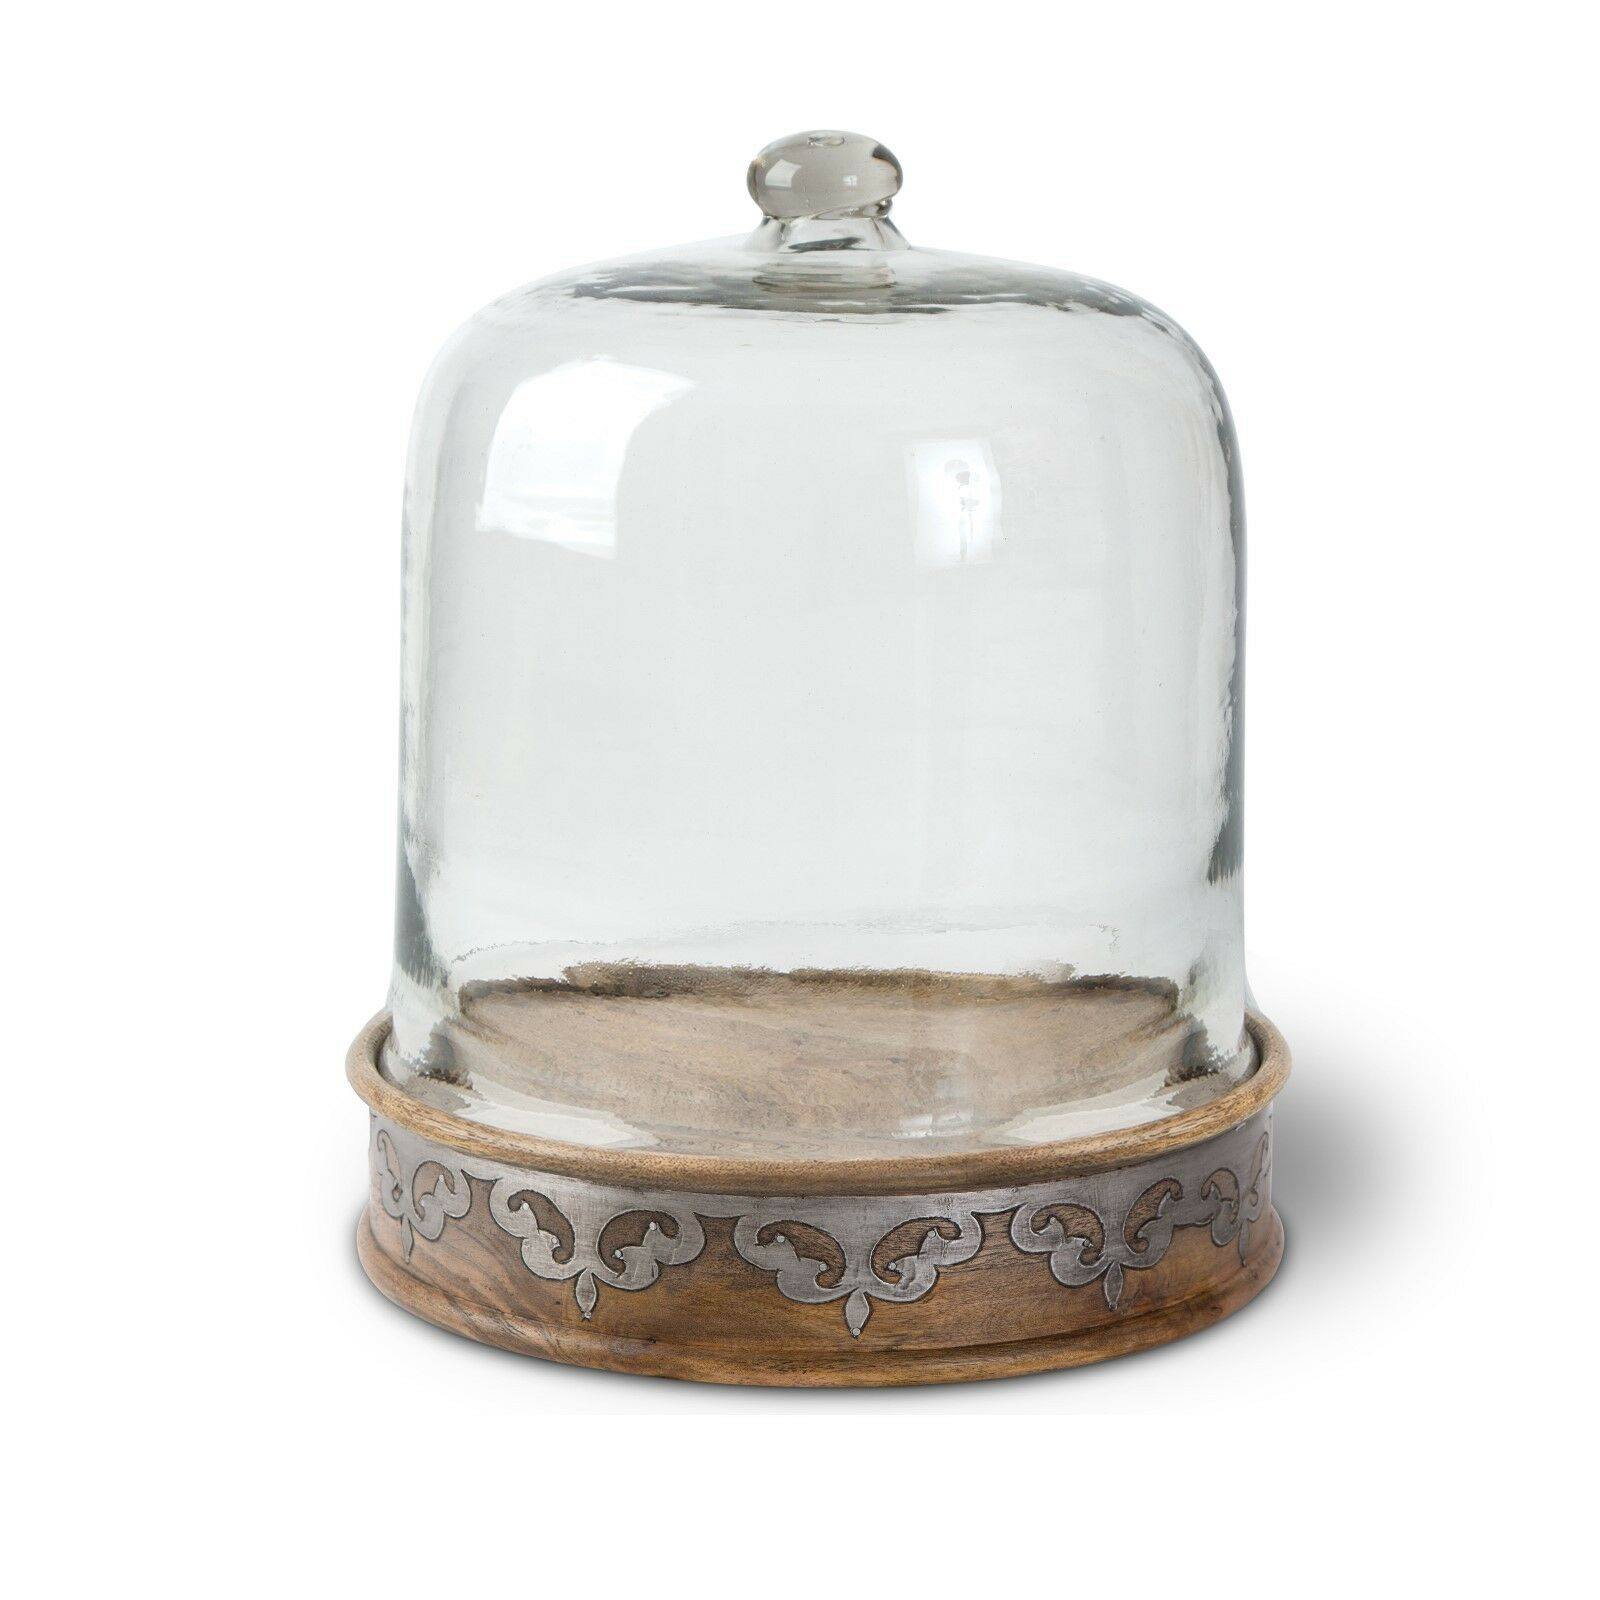 GG Collection Gracious marchandises Patisserie gardien du patrimoine, bois métal incrustation, Medium